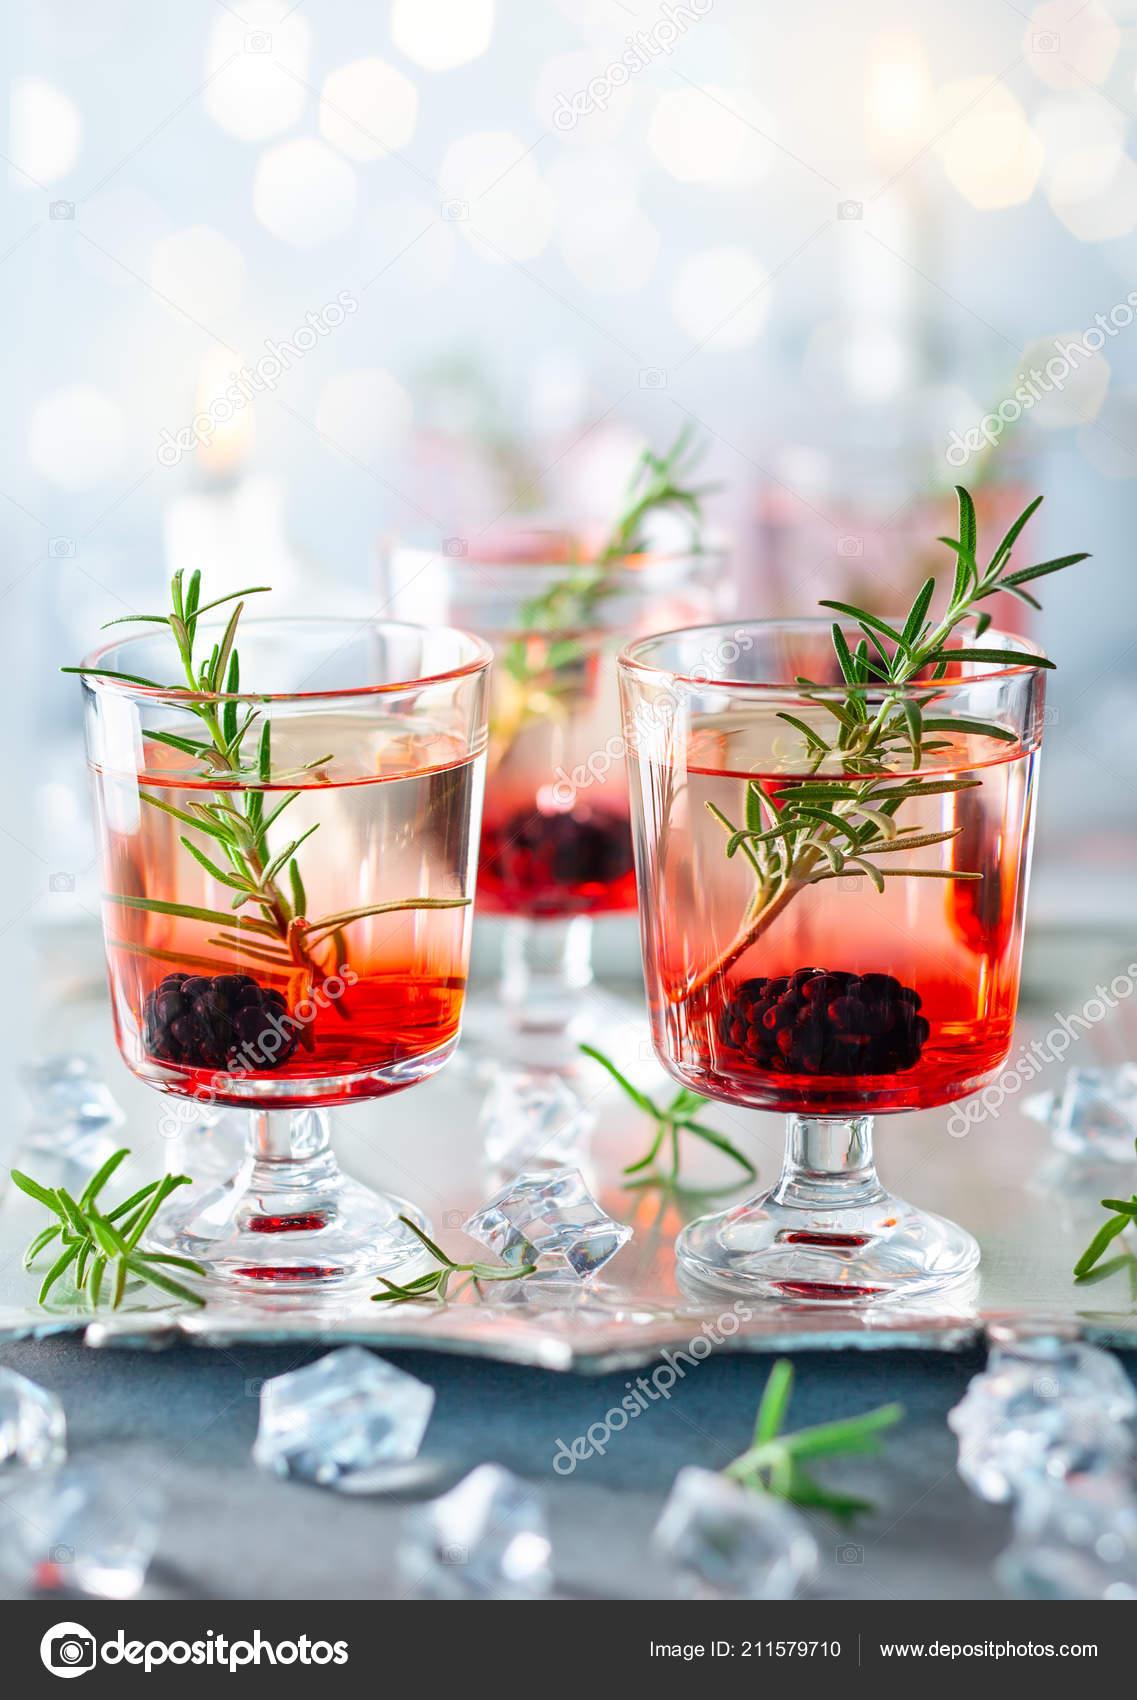 Первый прямой эфир - 30 ноября - Страница 6 Depositphotos_211579710-stock-photo-winter-berry-cocktails-made-blackberry